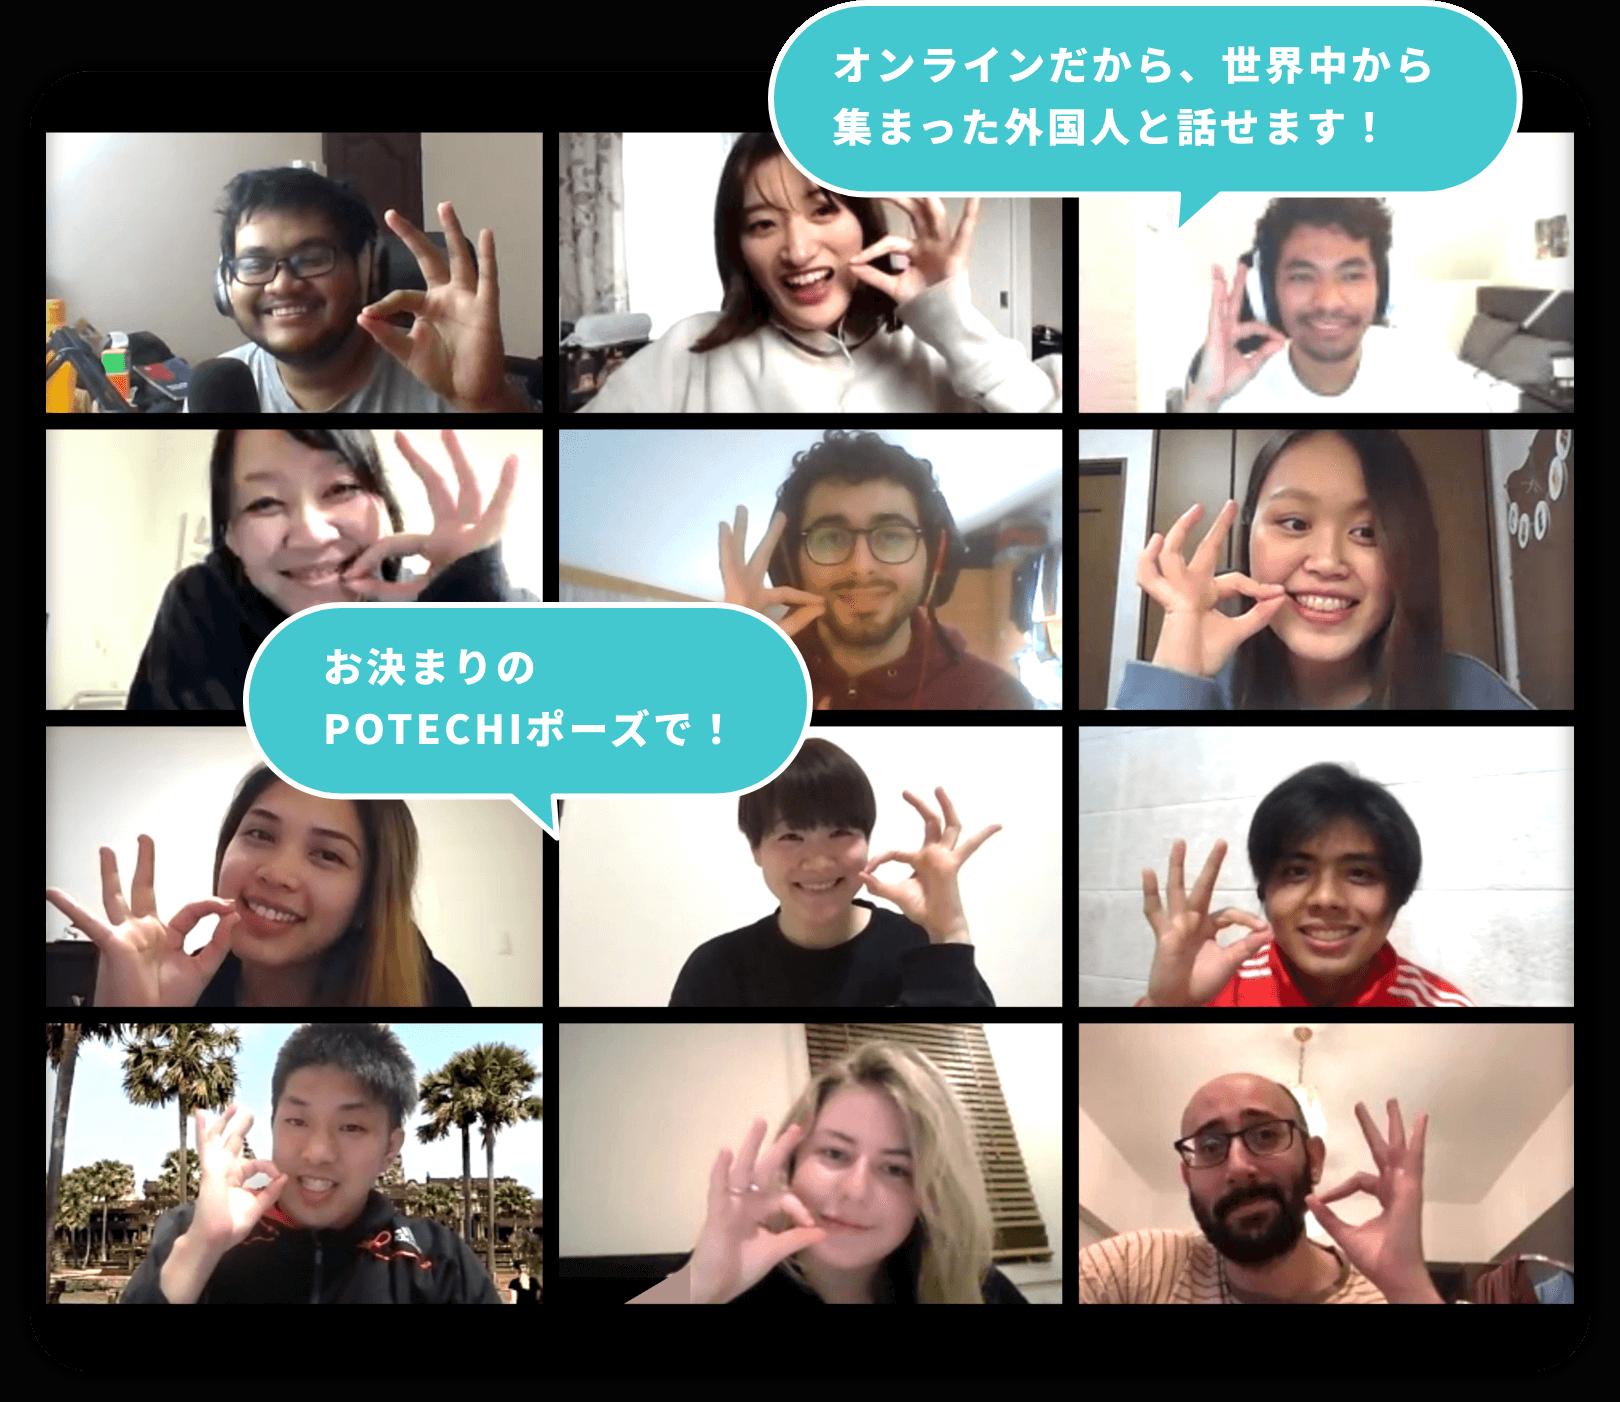 オンラインだから、世界中から集まった外国人と話せます!